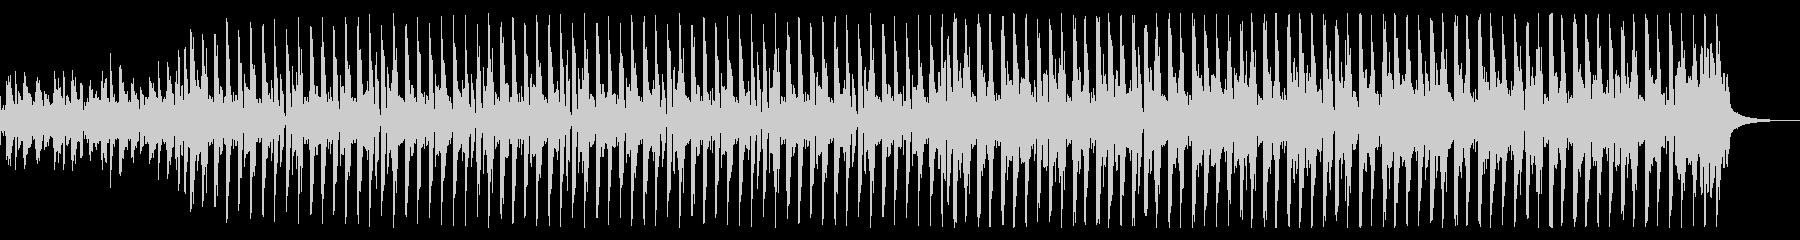 わくわくするディスコミュージックの未再生の波形